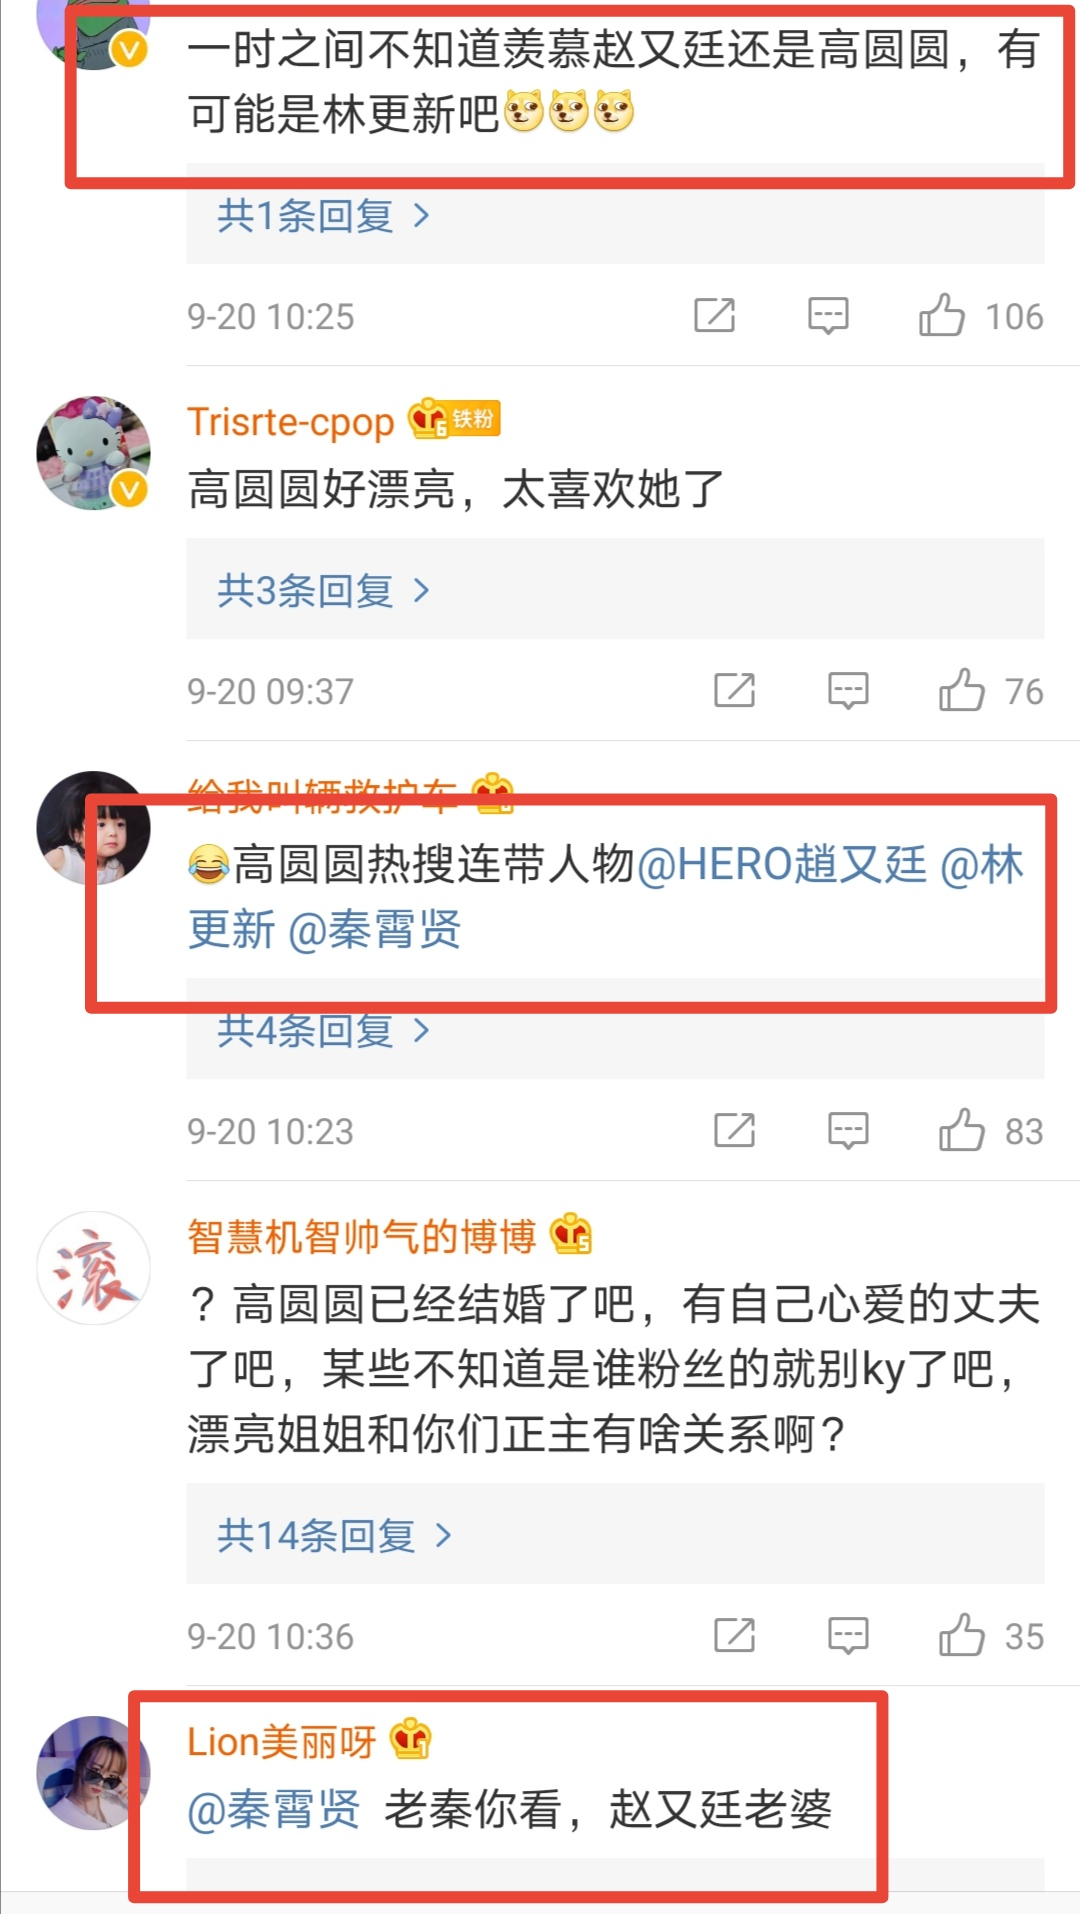 高圆圆生图曝光喜登热搜第一,评论区却被秦霄贤包场,赵又廷的处境太尴尬